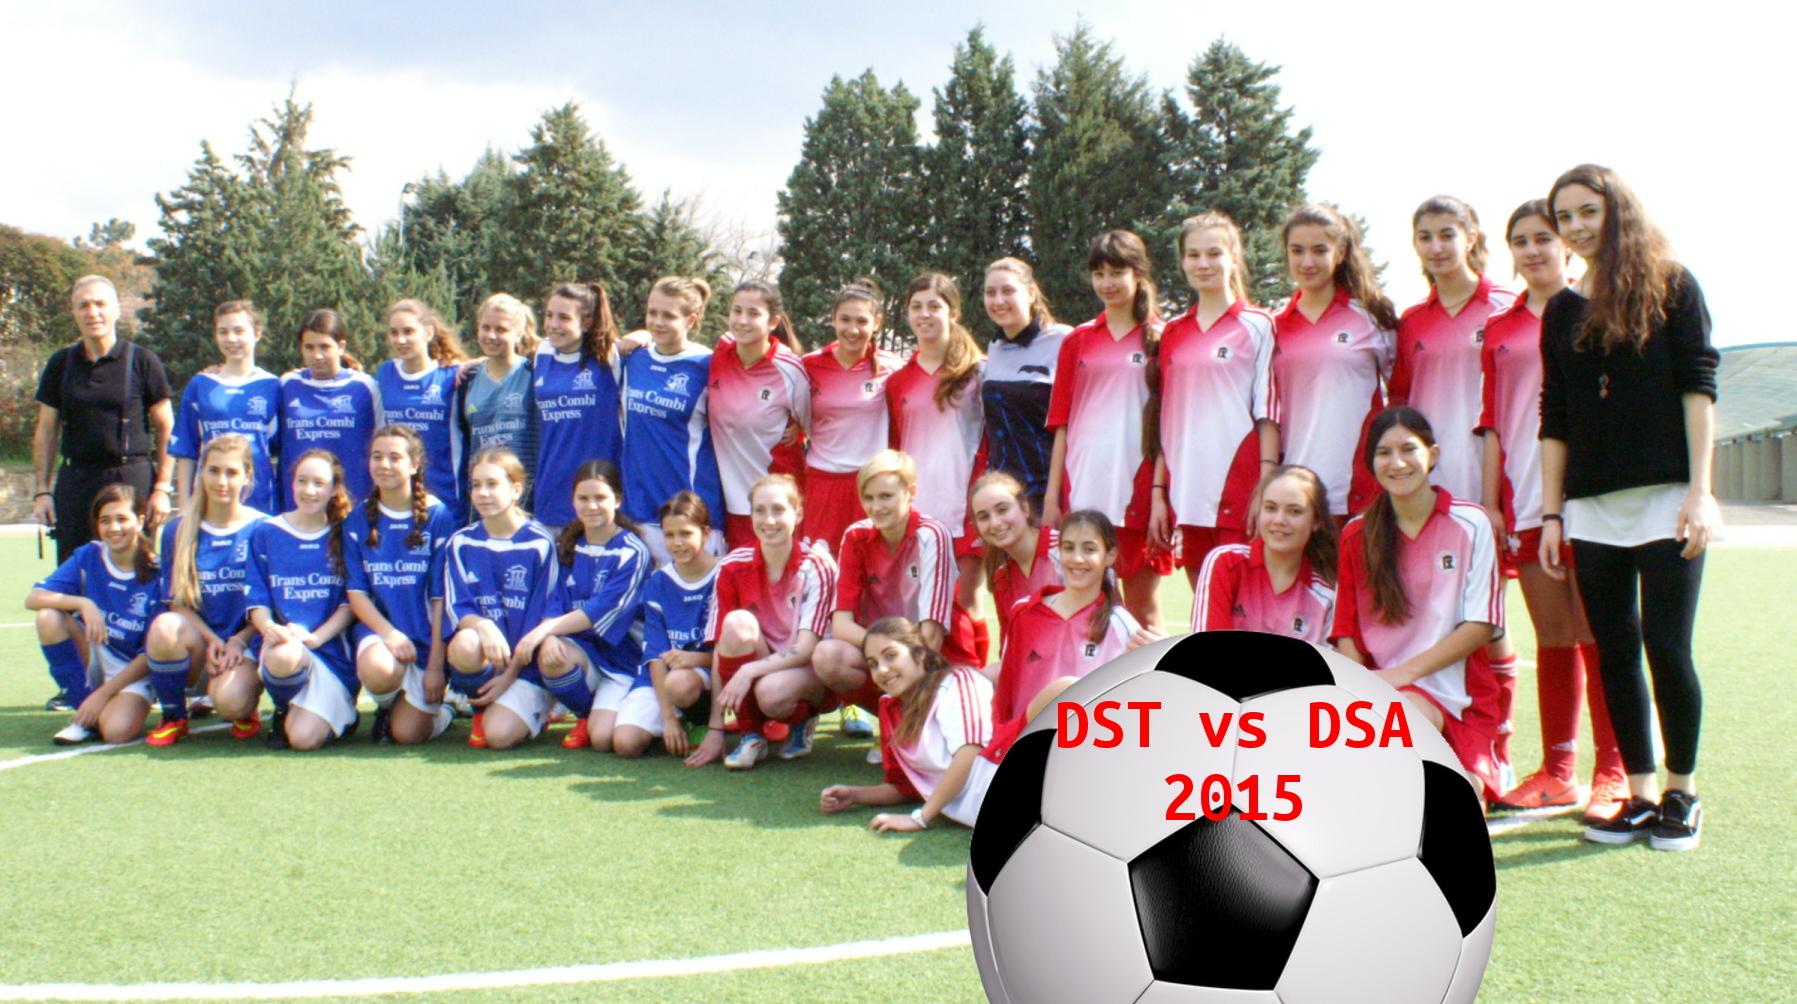 Sportbegenung DST - DSA 2015